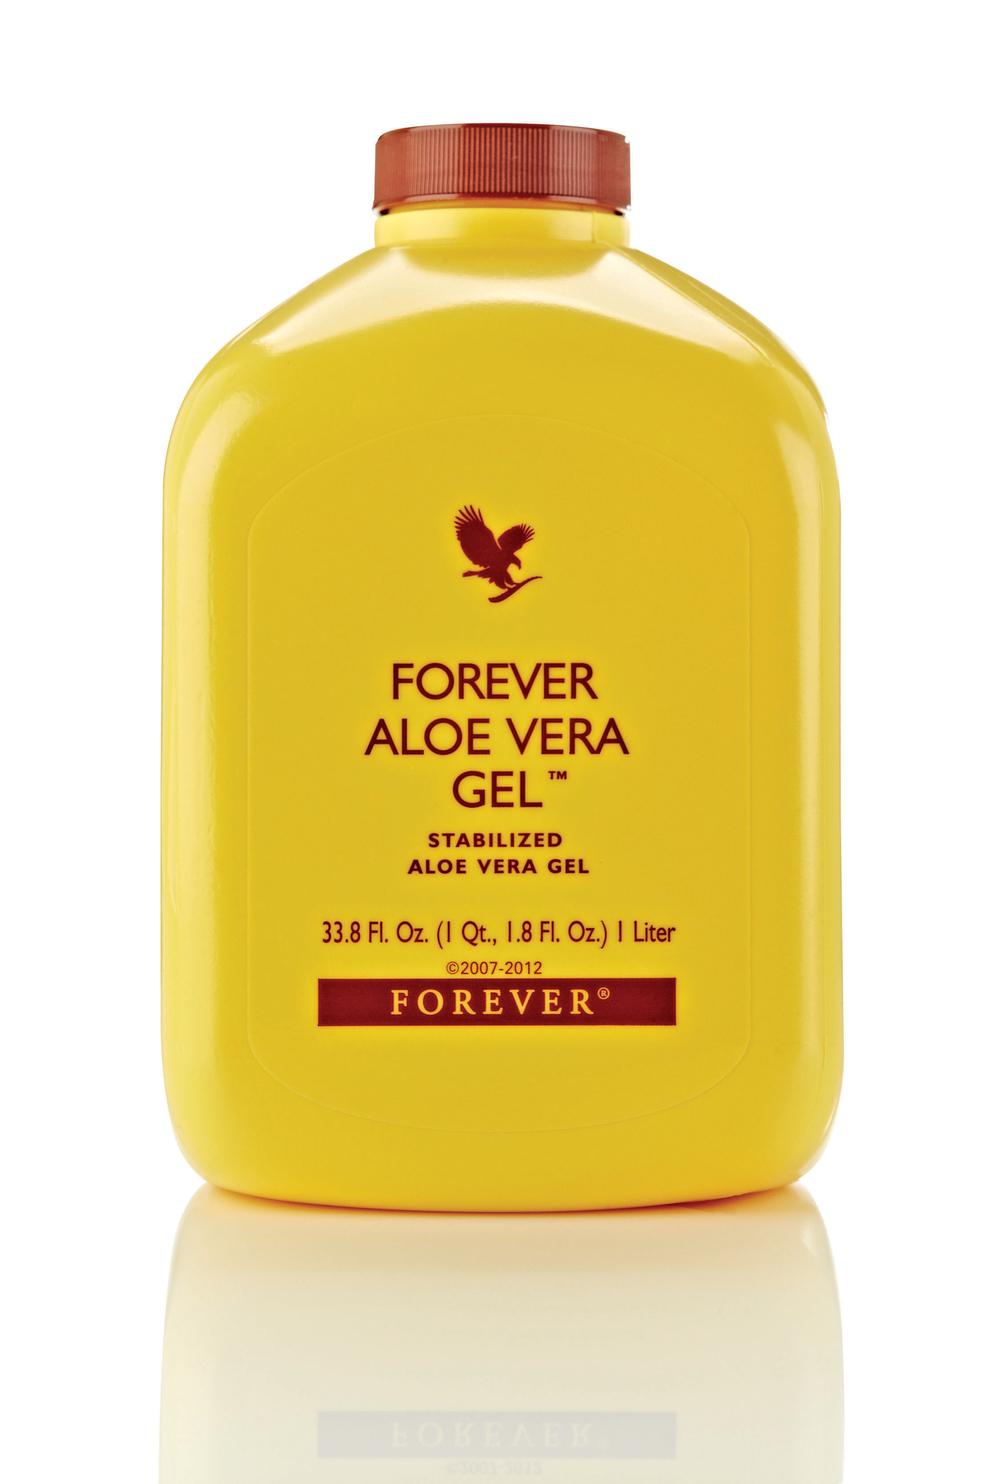 37-Aloe Vera Gel-2248x3336-HI.jpg